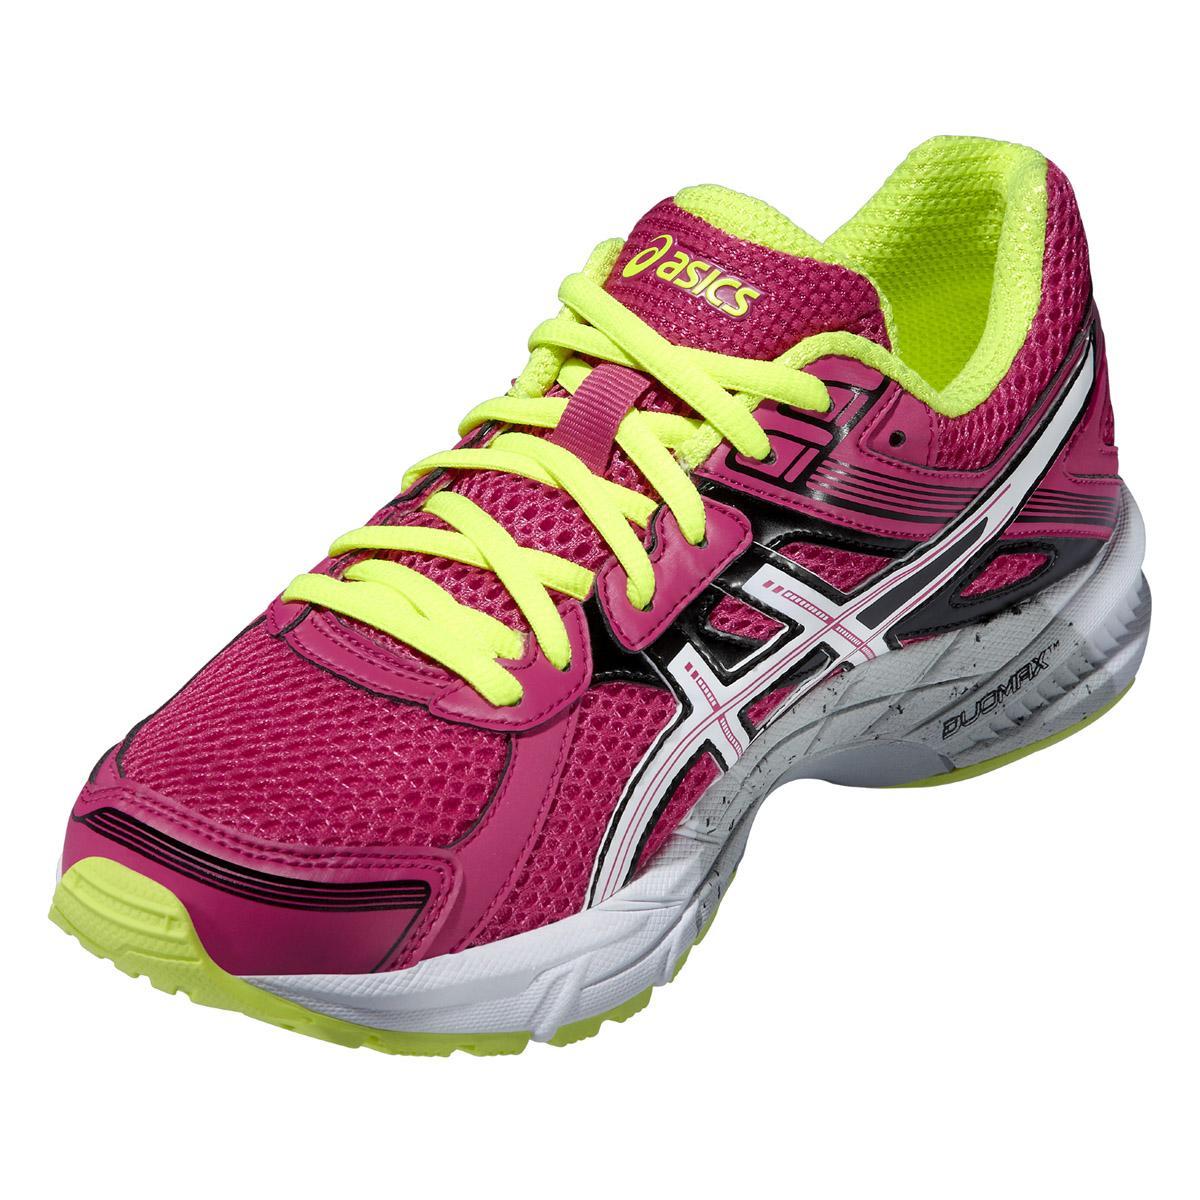 wybór premium w sprzedaży hurtowej Darmowa dostawa Asics Womens GEL Trounce 2 Running Shoes - Hot Pink/White/Yellow